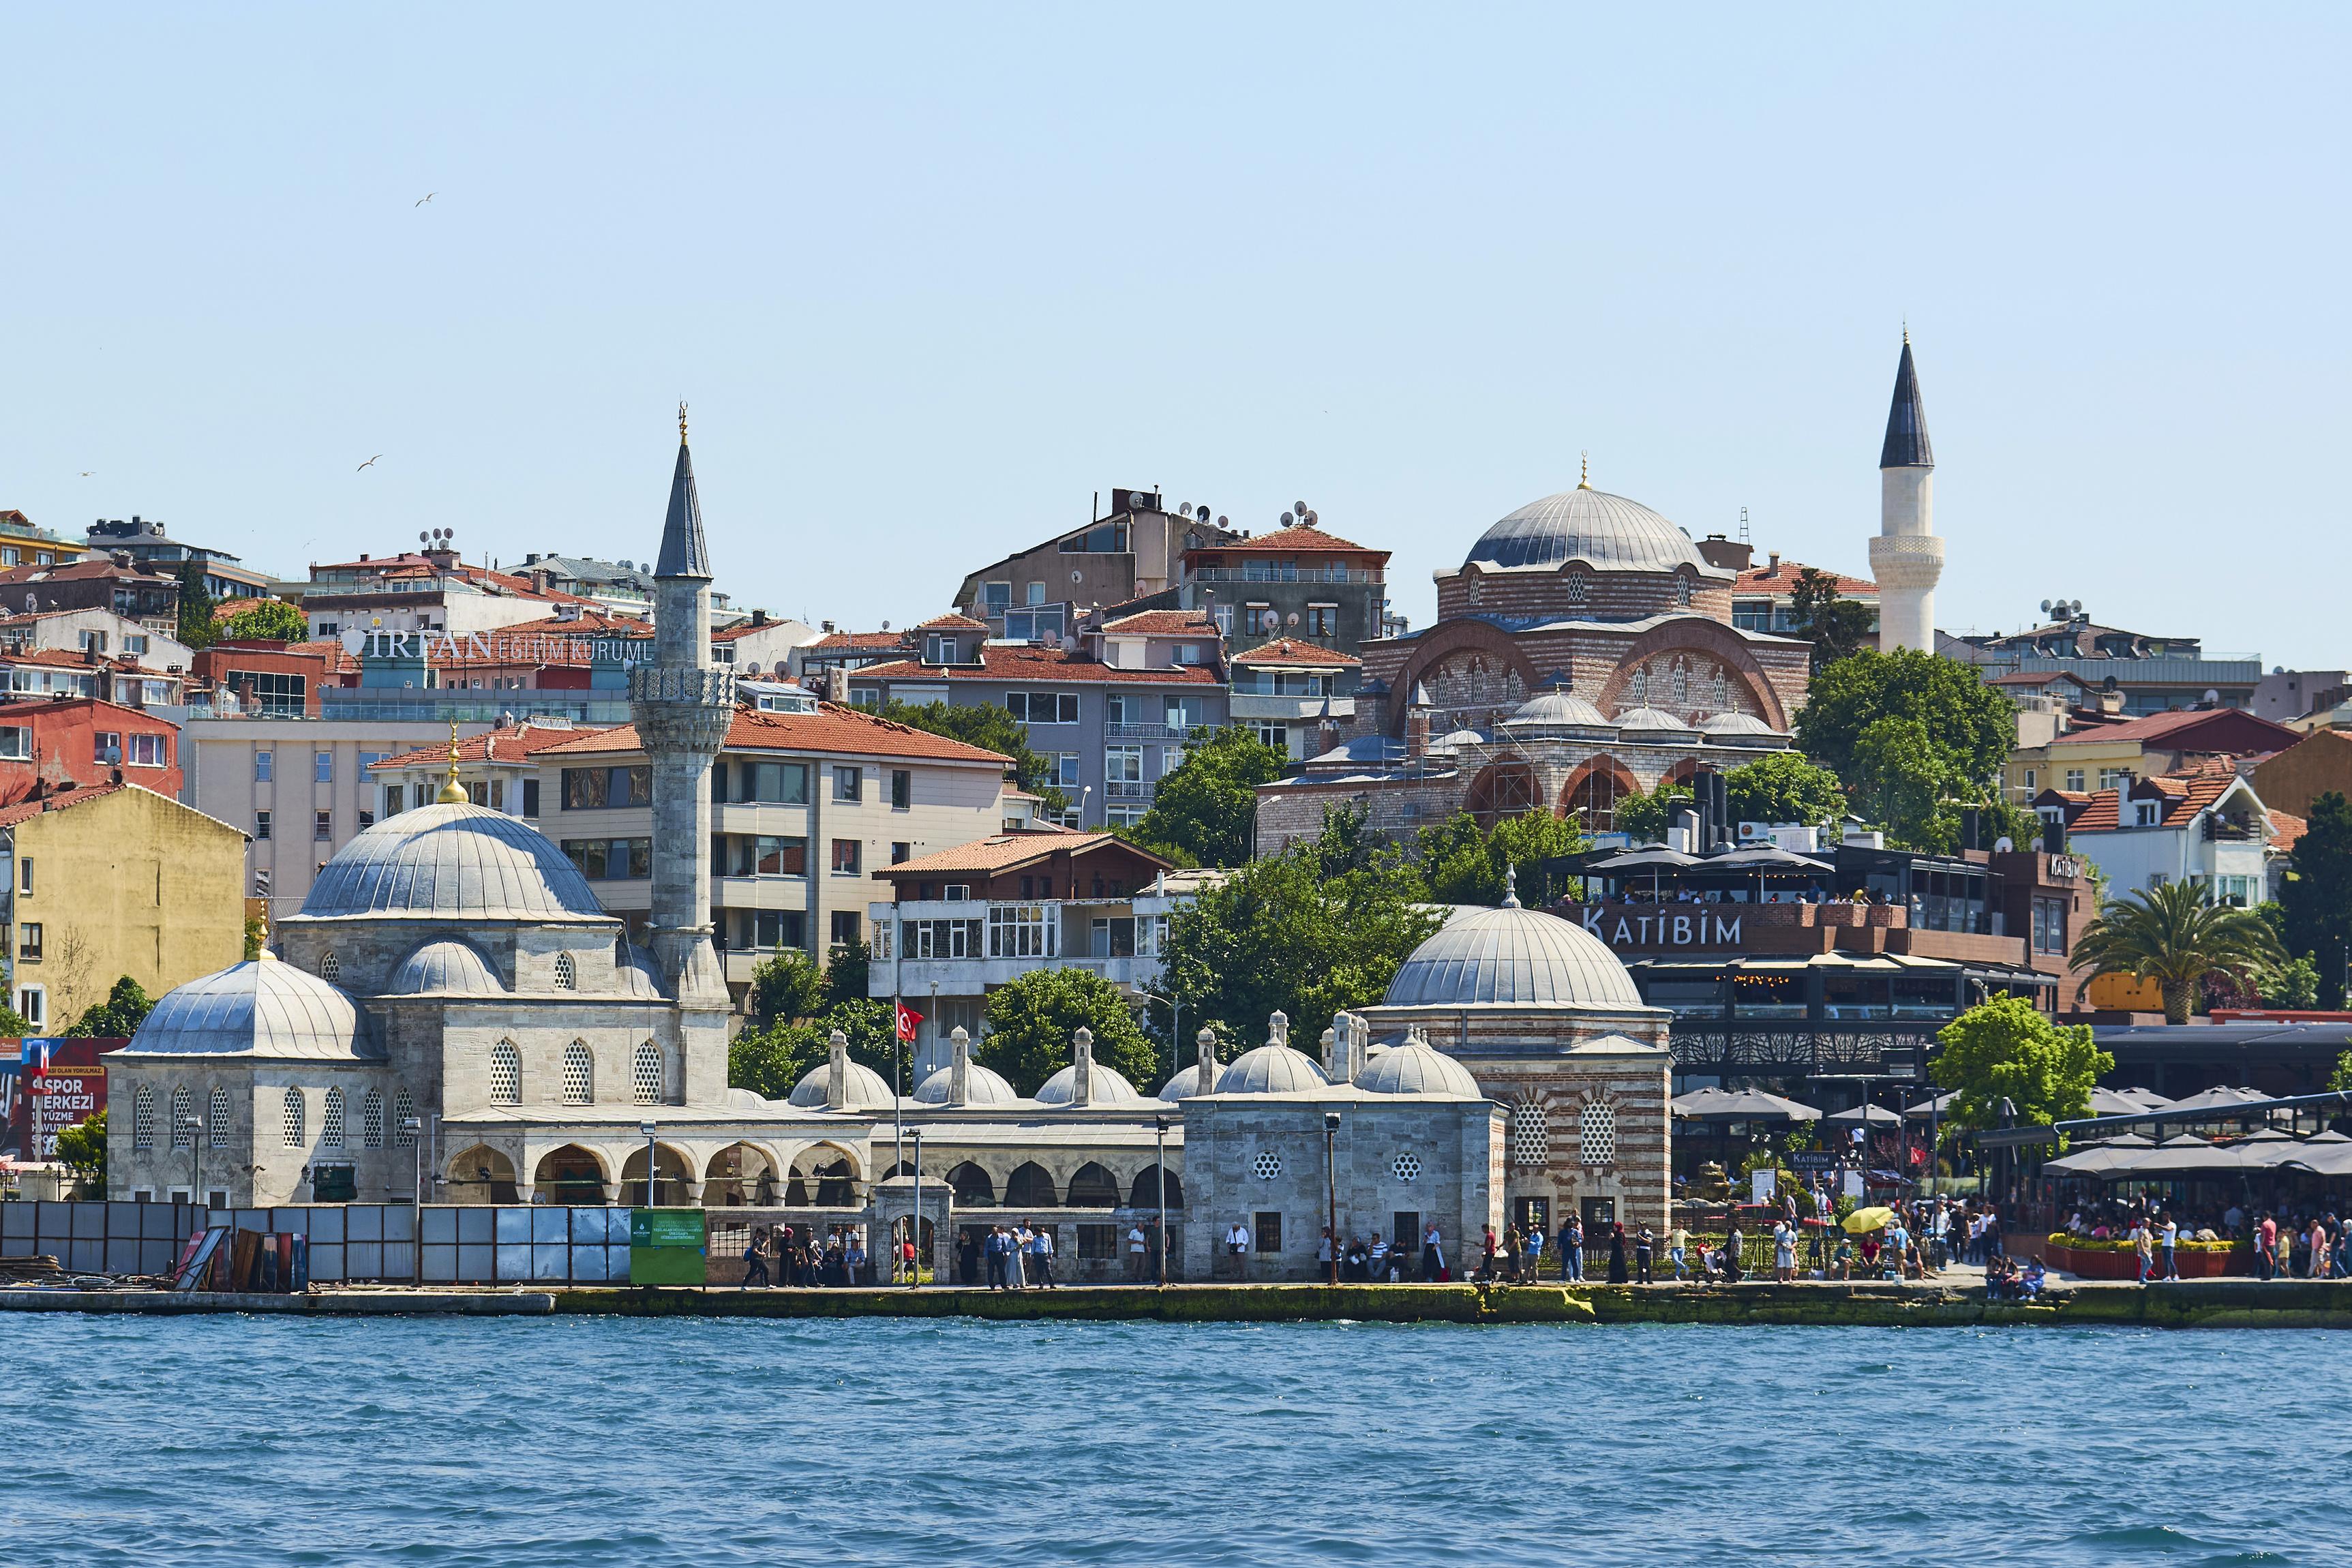 Bilder von Istanbul Türkei Küste Städte Gebäude 3450x2300 Haus